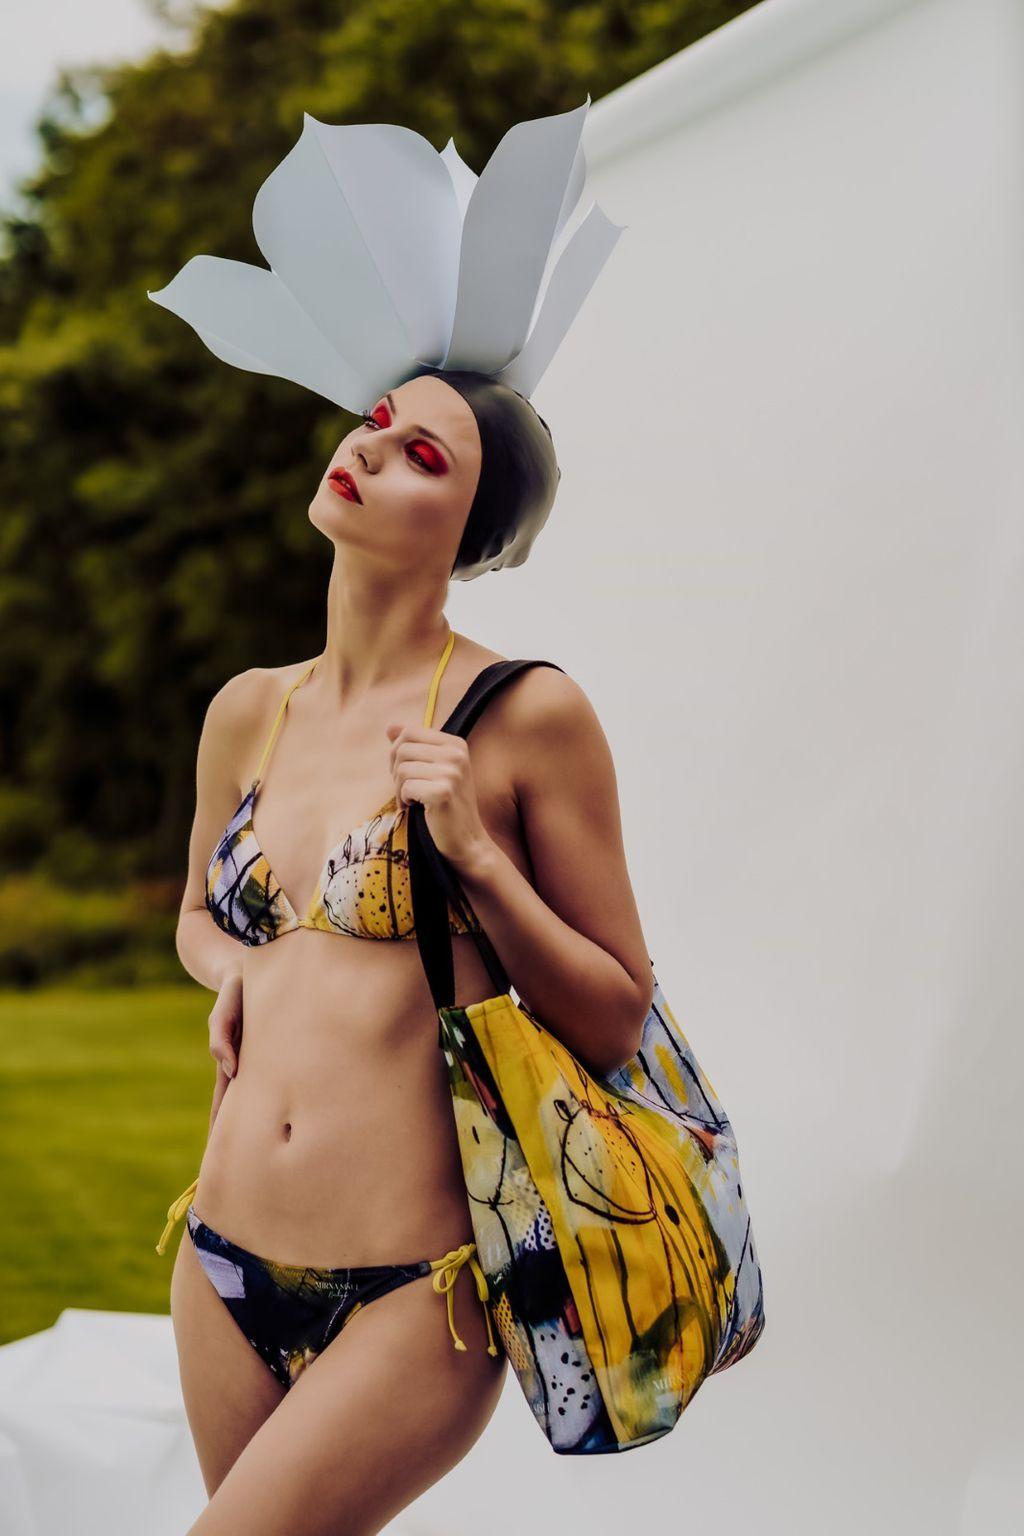 Mirna Sišul dizajnirala je kolekciju kupaćih kostima, torbi, tunika i majica - 4